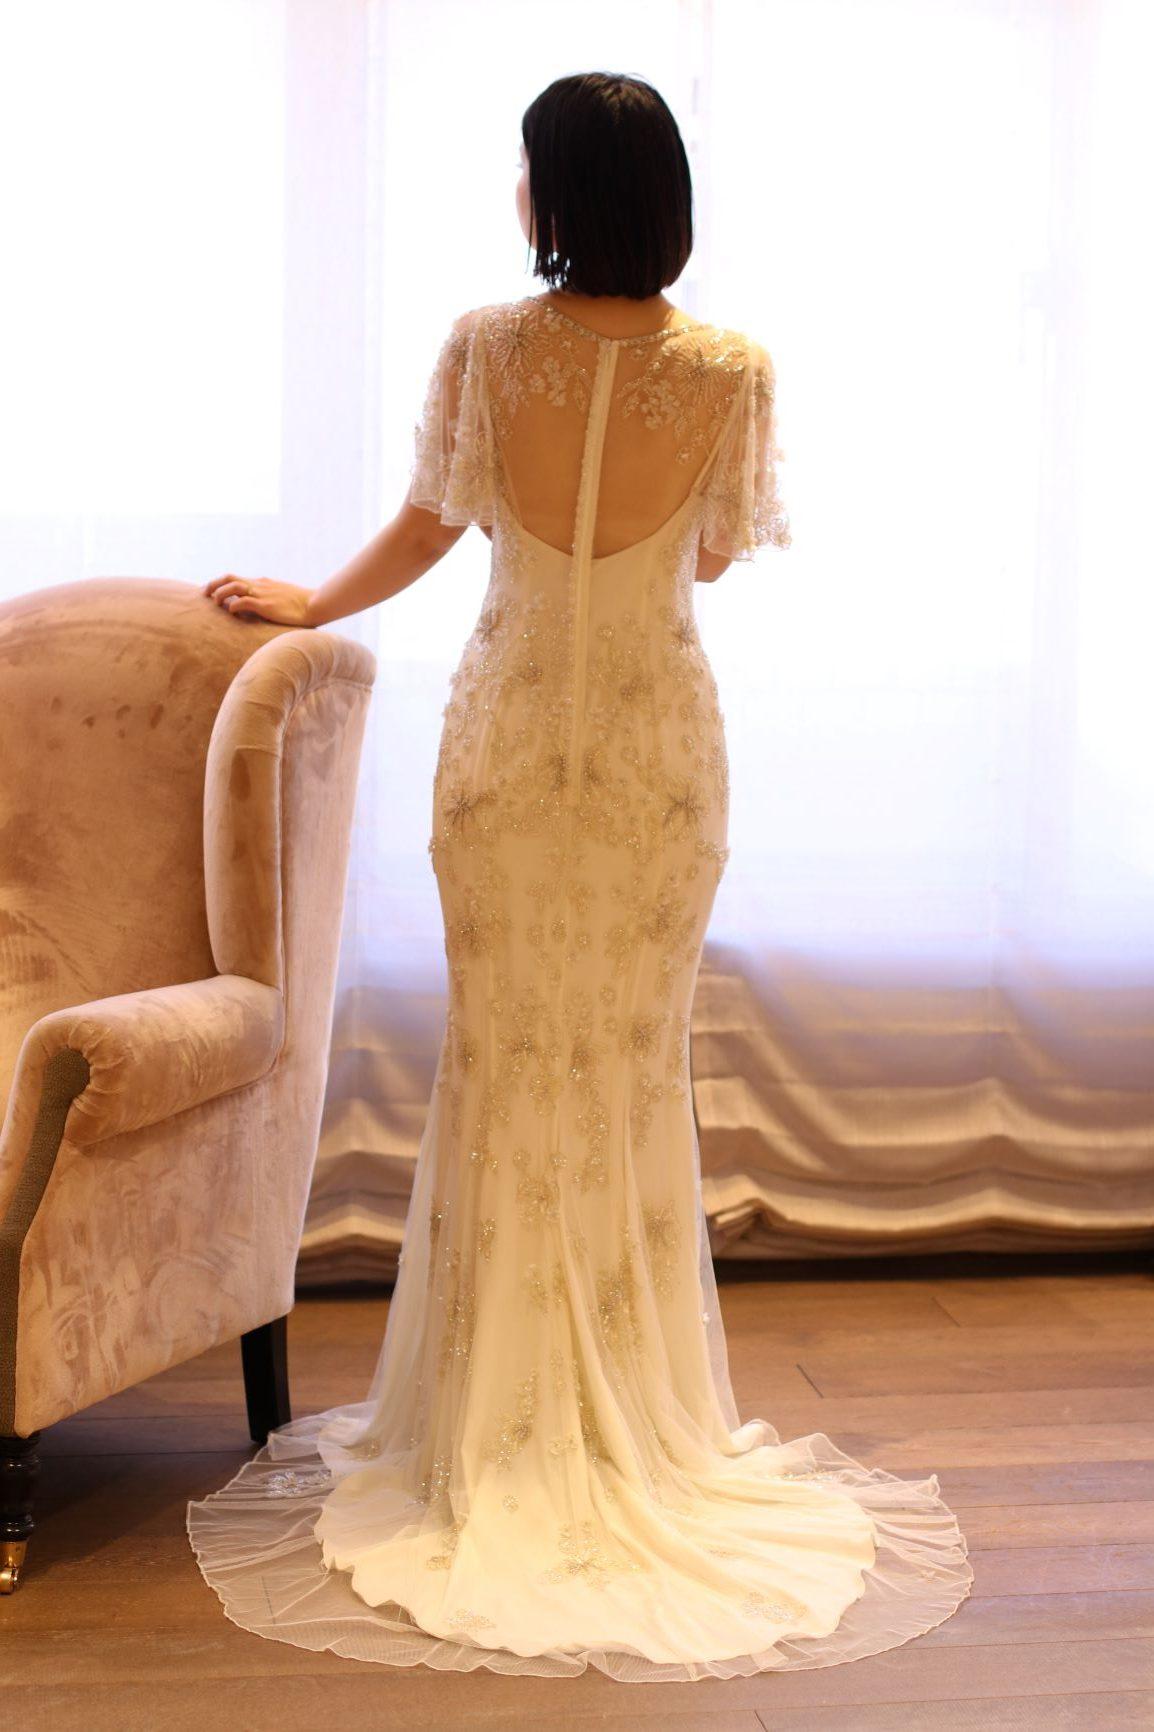 カジュアルなスレンダーラインのドレスは、ゲストと距離の近いリゾートウェディングやレストランウェディングなどアットホームなお式にぴったりですカジュアルなスレンダーラインのドレスはゲストと距離の近いアットホームなお式にぴったりです